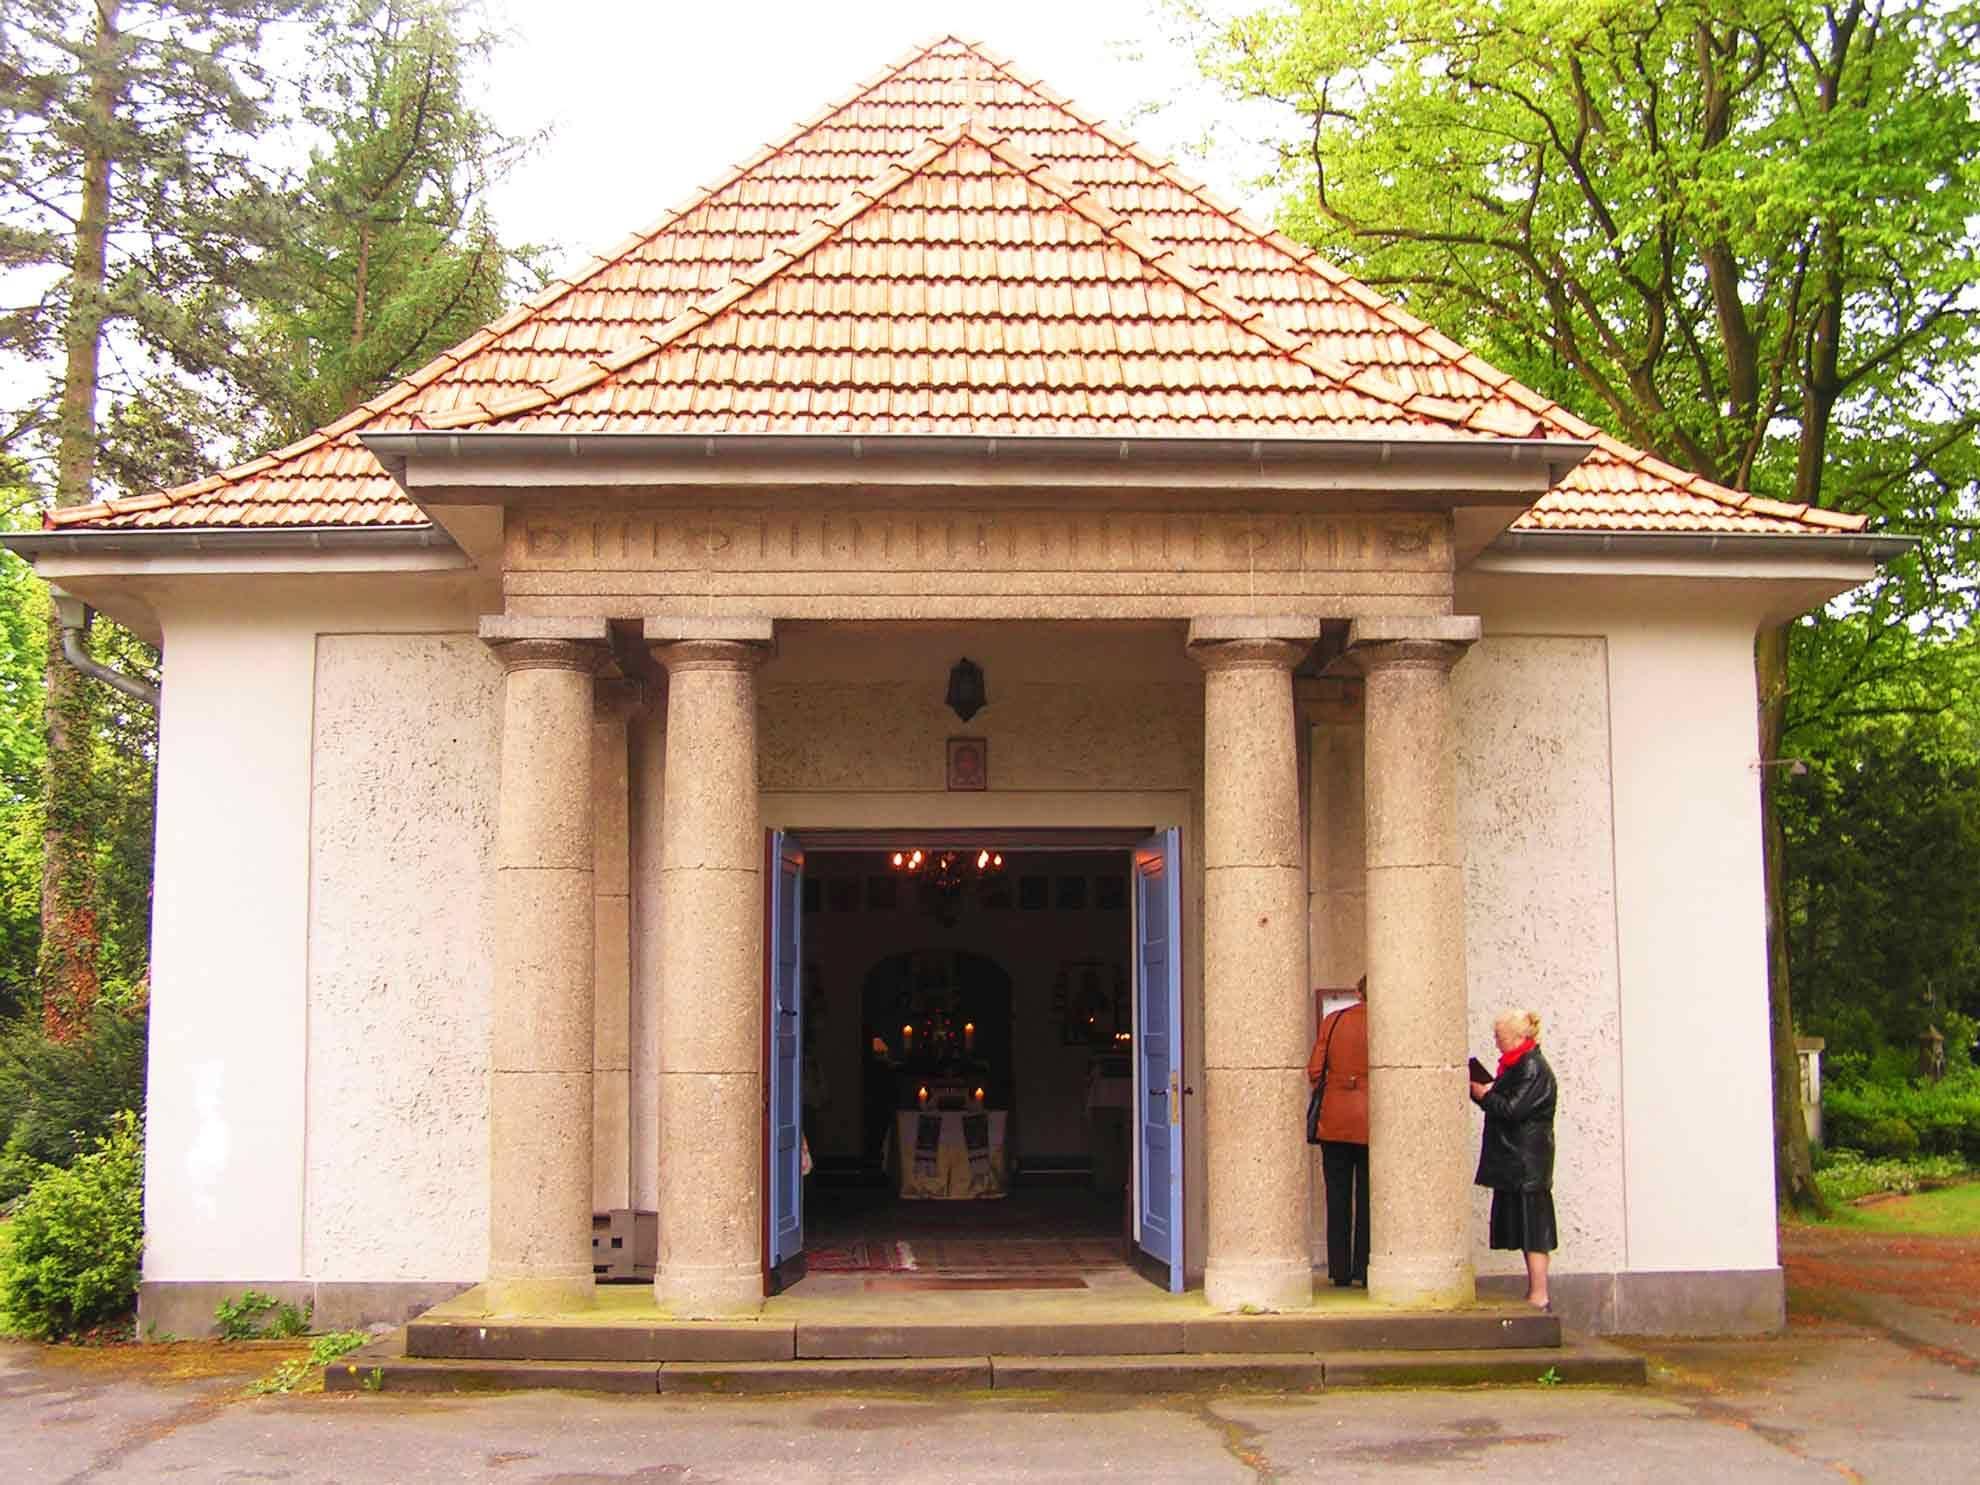 Unsere-Kapelle-in-Koeln